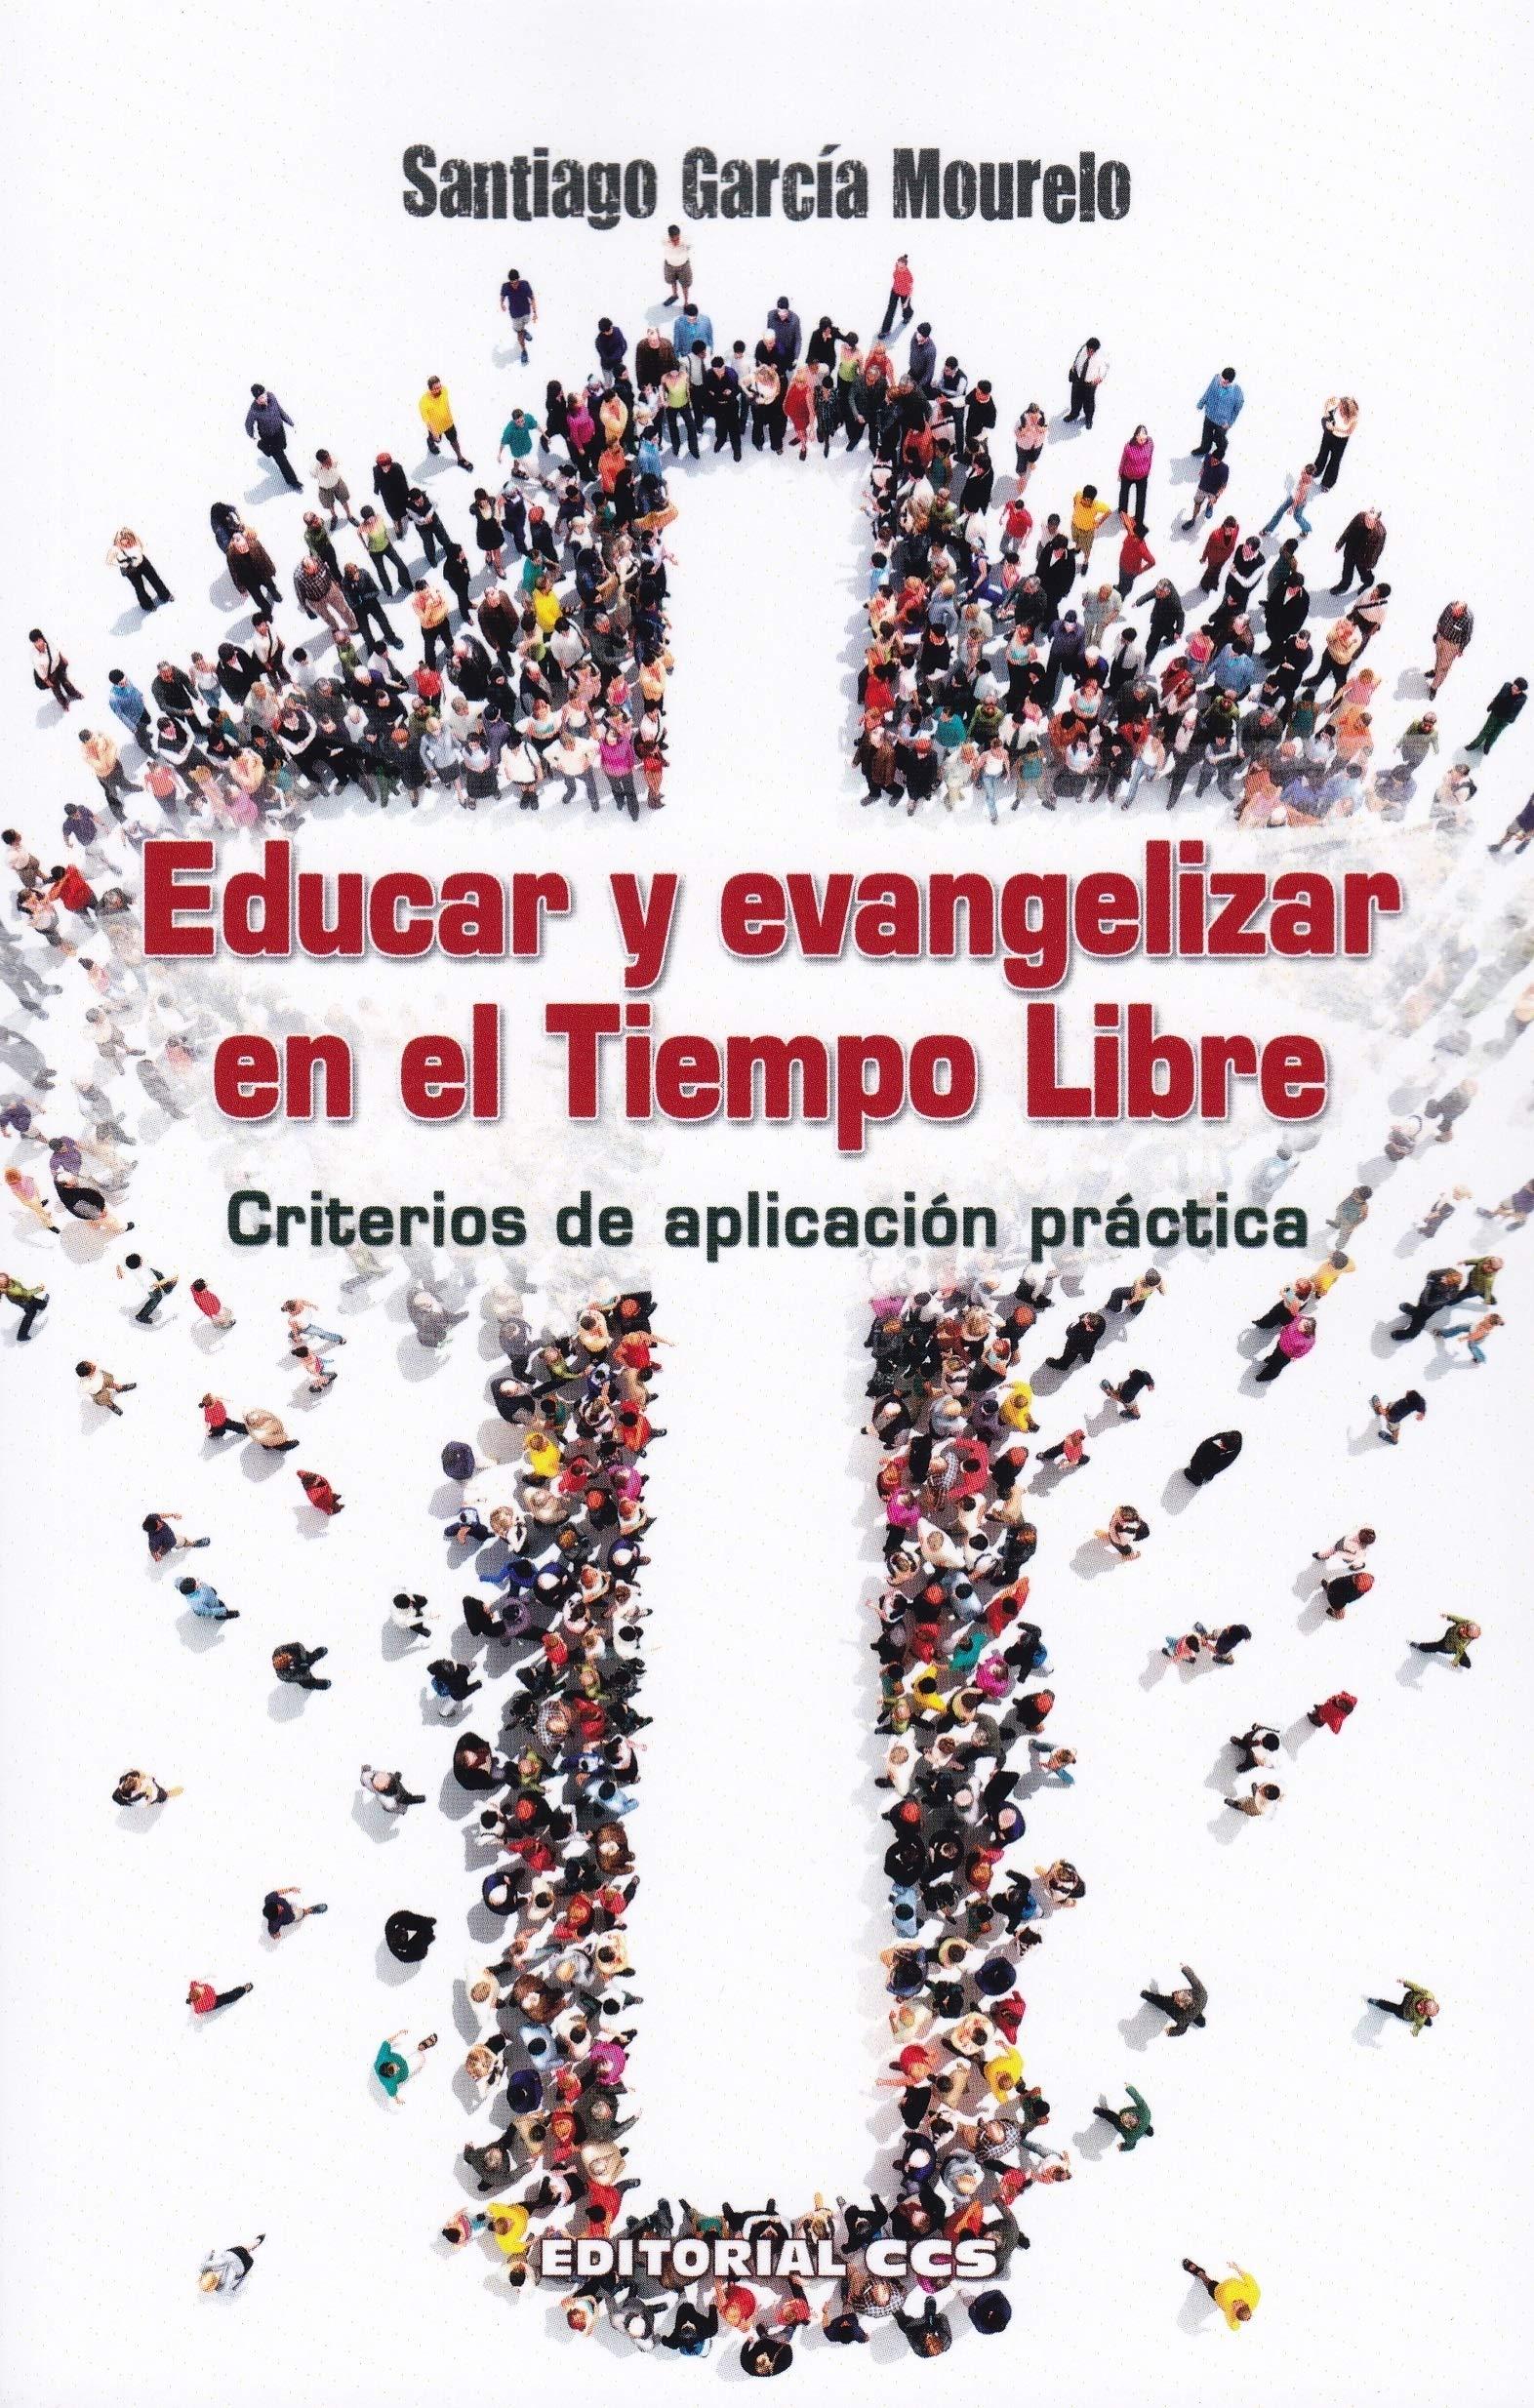 EDUCAR Y EVANGELIZAR EN EL TIEMPO LIBRE: Criterios de aplicación práctica: 20 Agentes PJ: Amazon.es: García Mourelo, Santiago: Libros